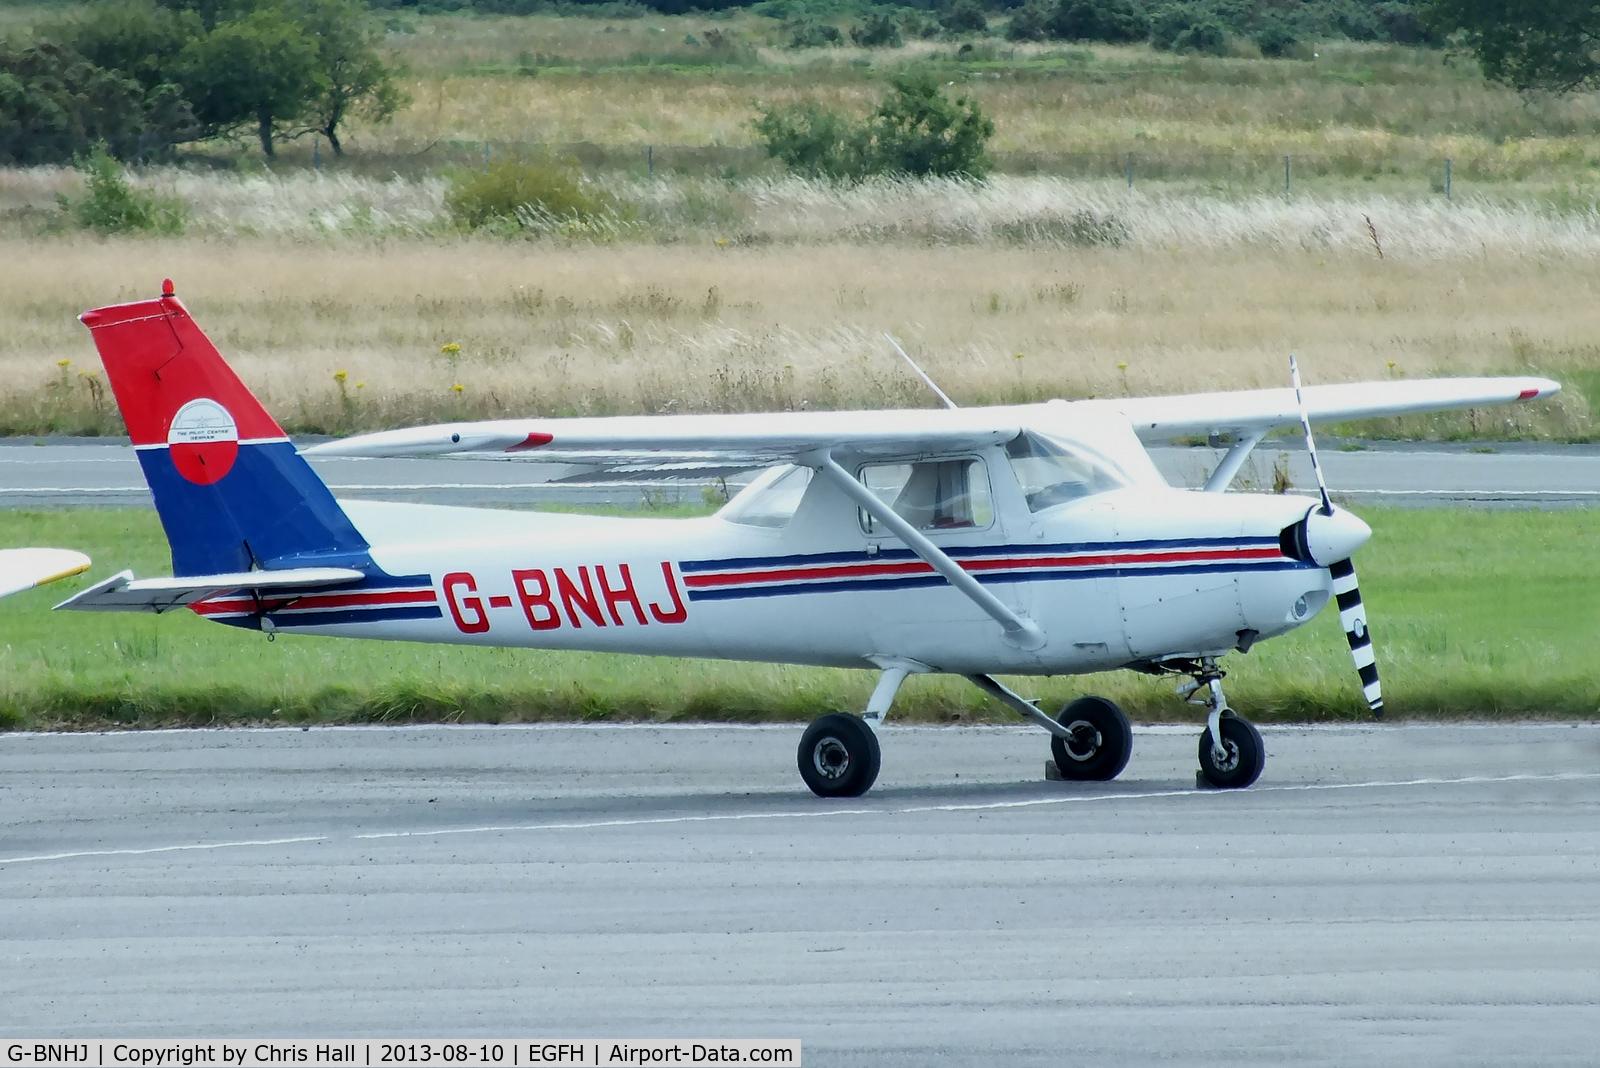 G-BNHJ, 1978 Cessna 152 C/N 152-81249, Bickertons Aerodromes Ltd